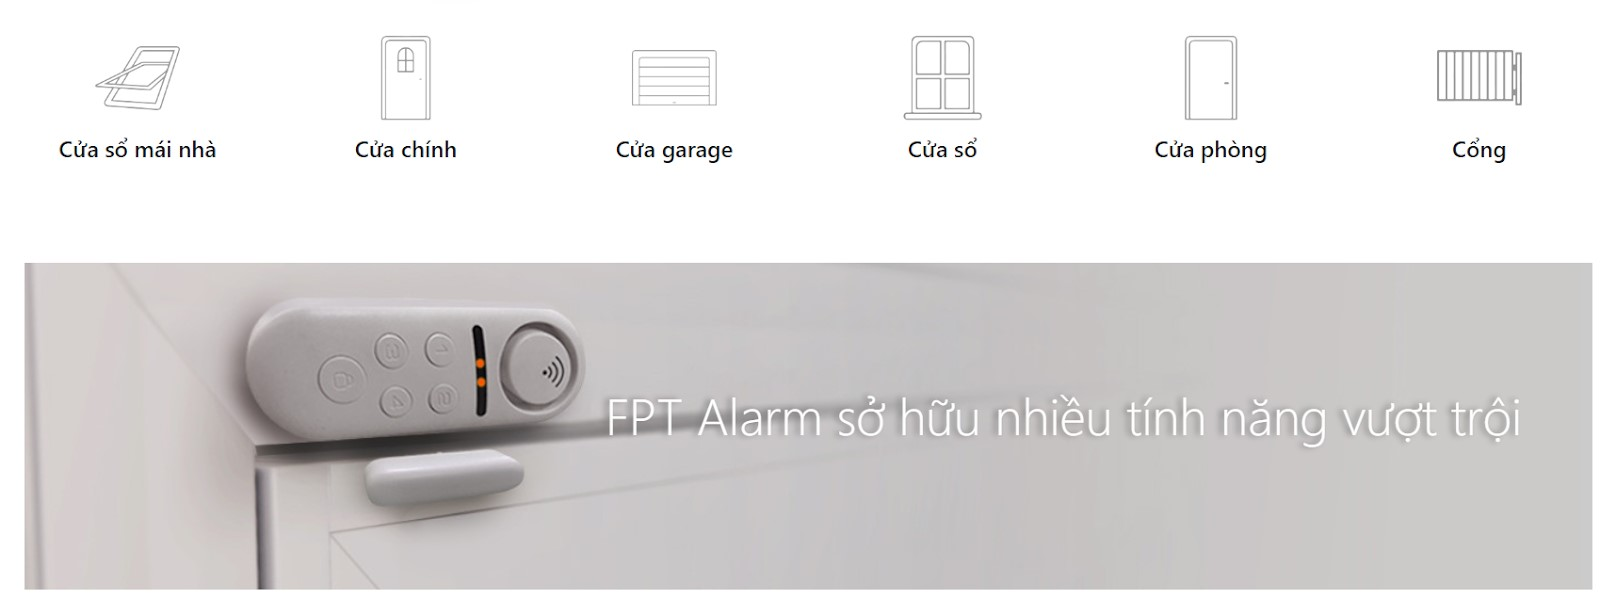 ưu điểm của iHome Alarm FPT